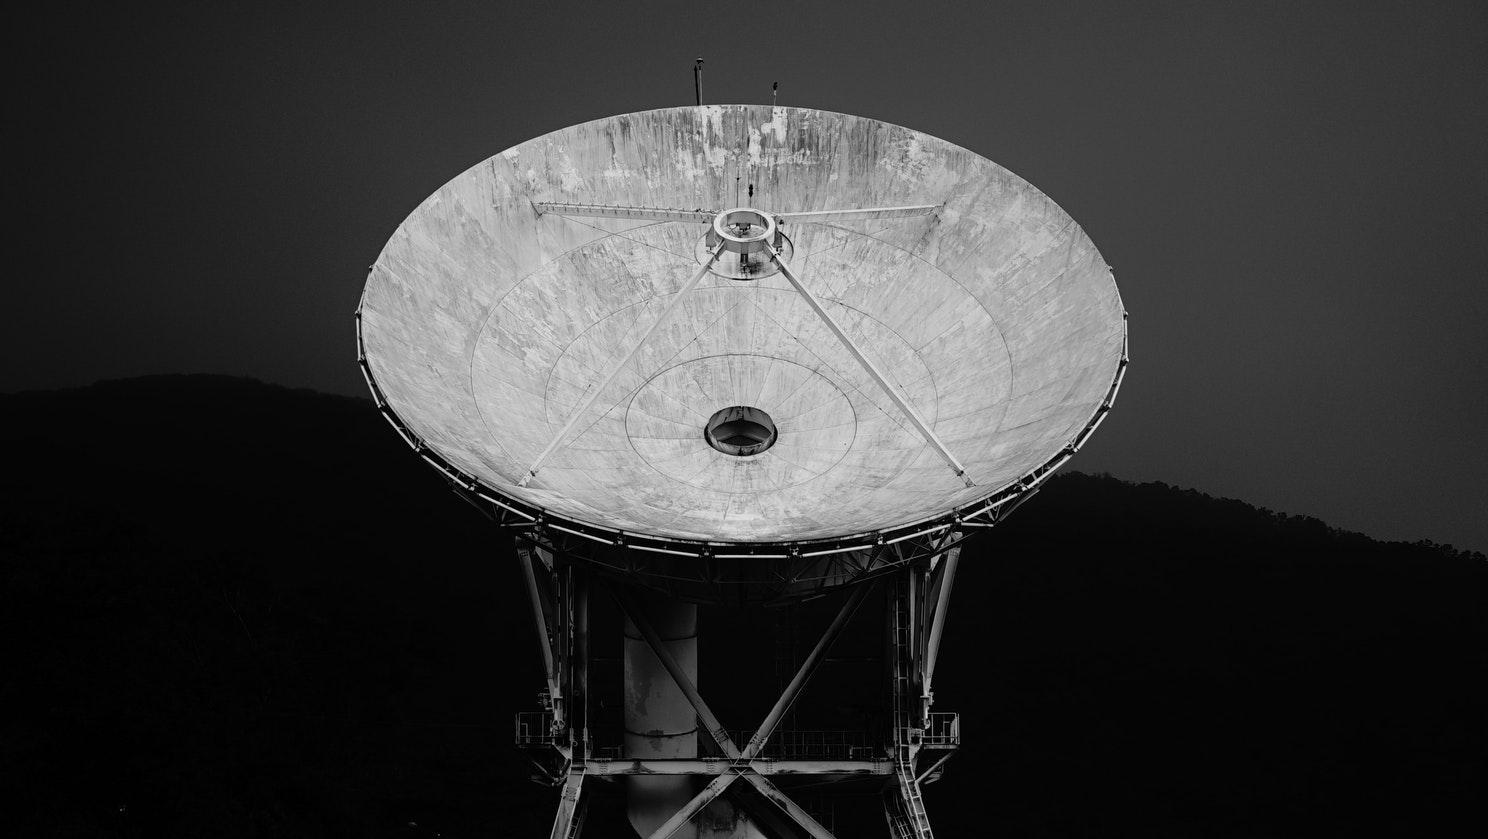 Астрономия, проблемы, телескоп